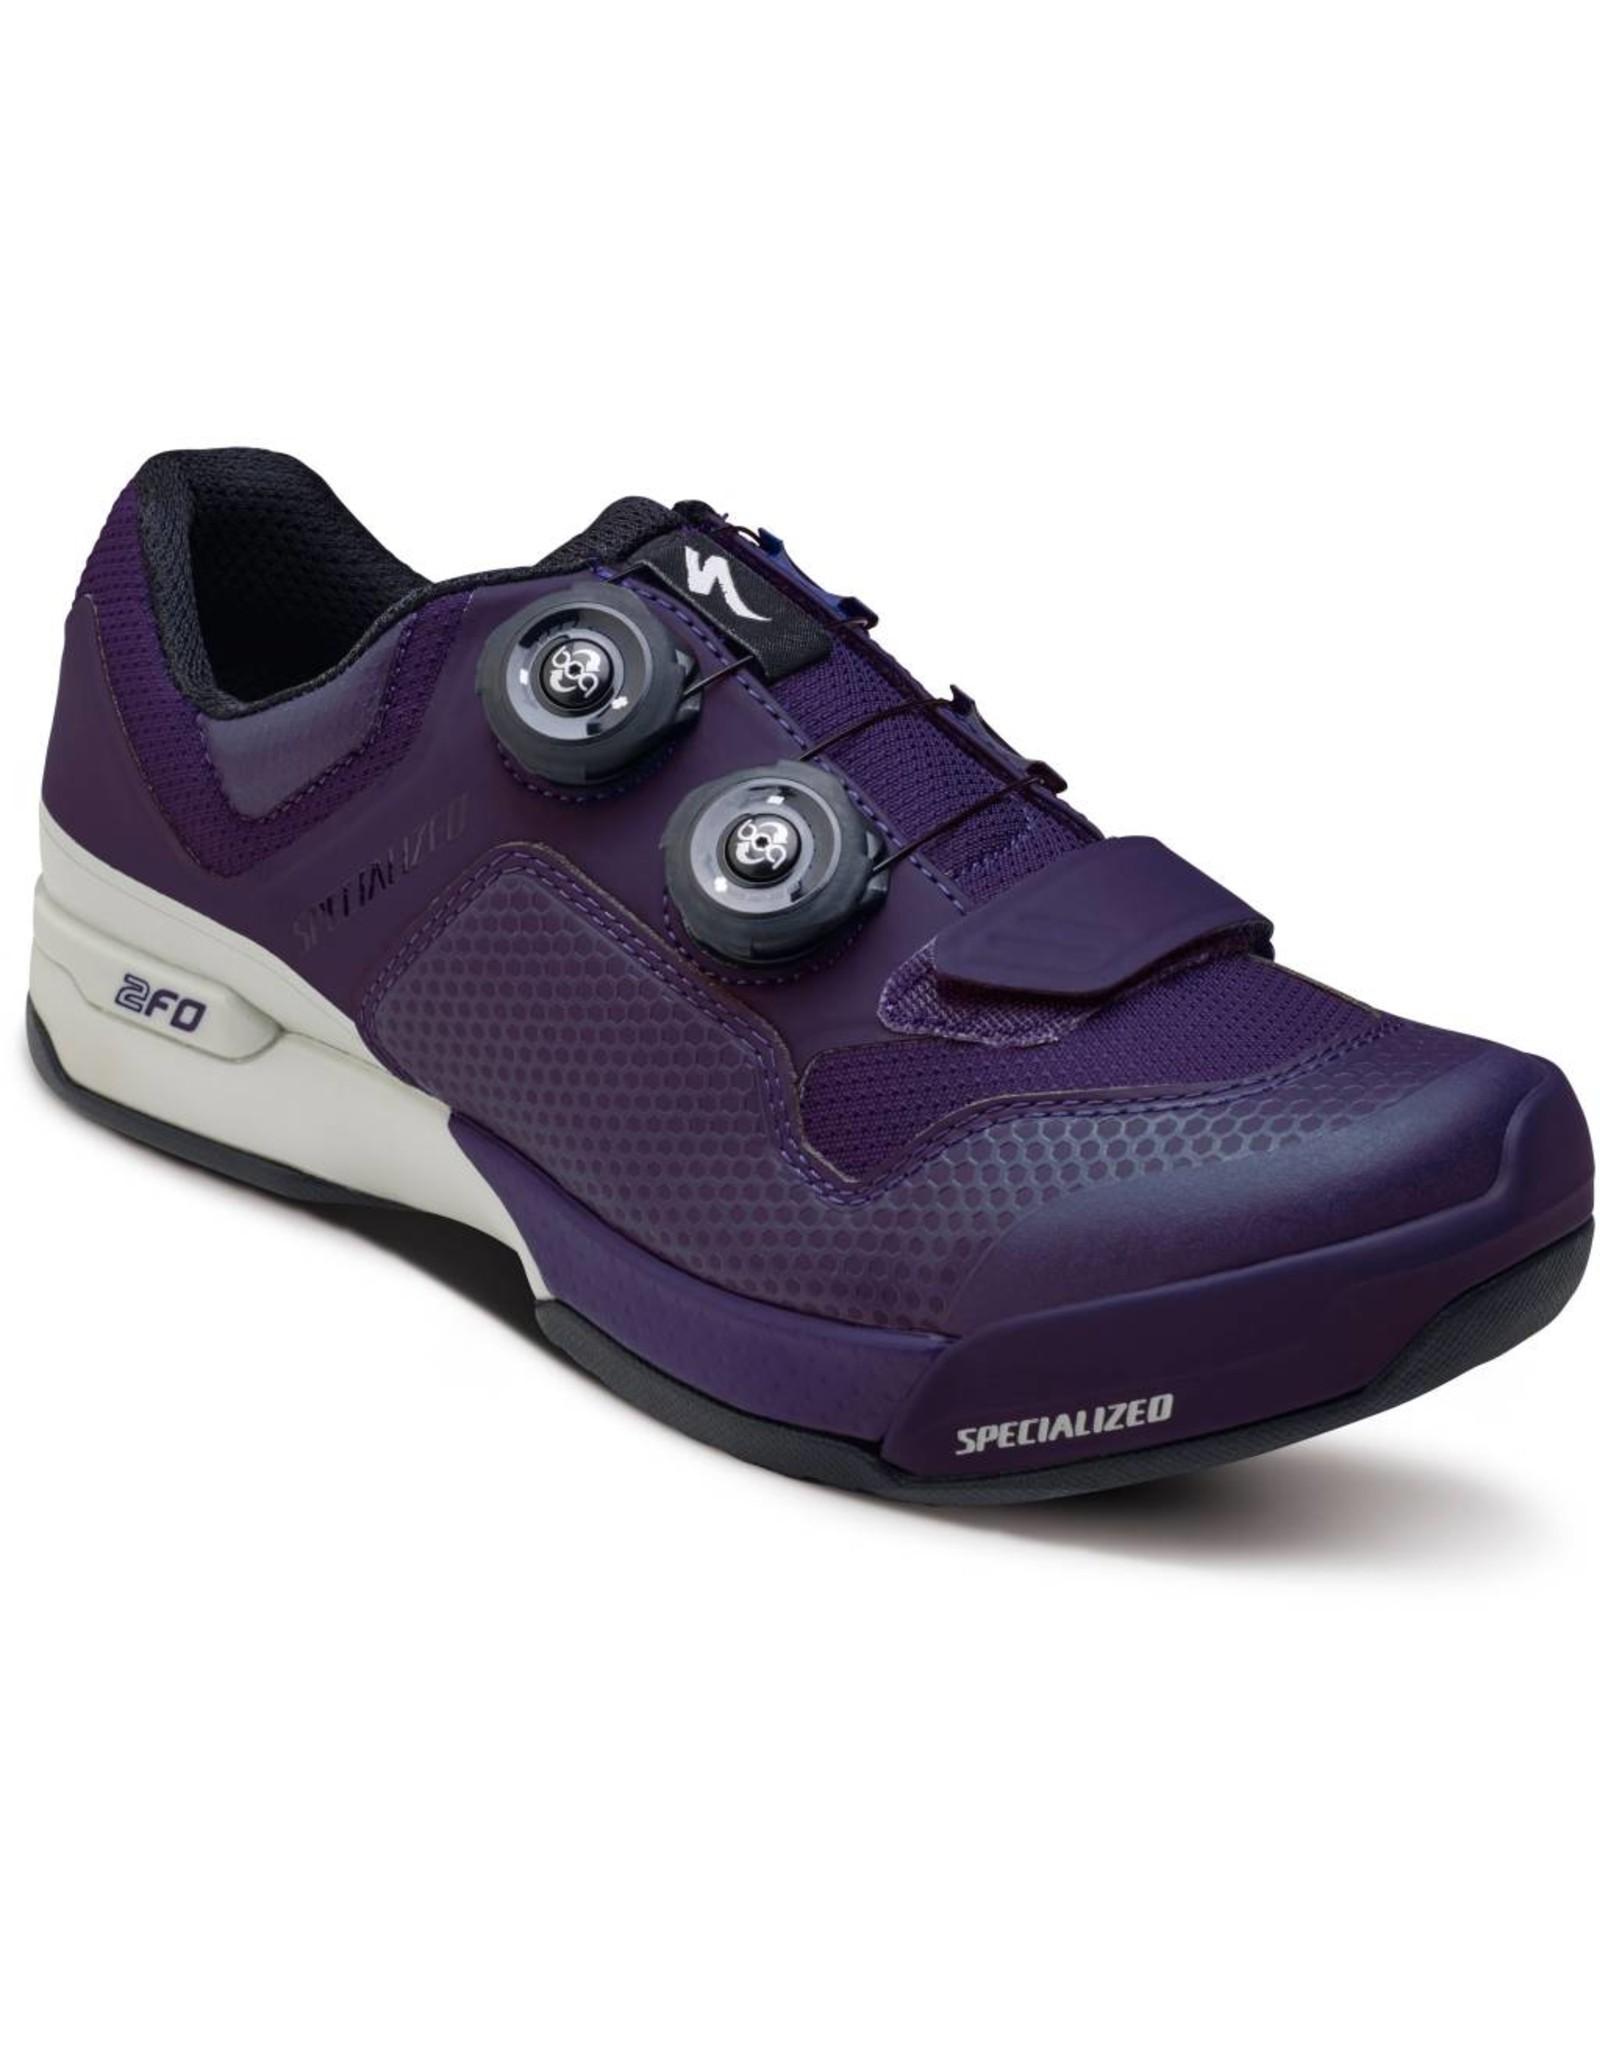 SPECIALIZED Specialized Women's 2FO Cliplite MTB Shoe - Indigo/White - 38